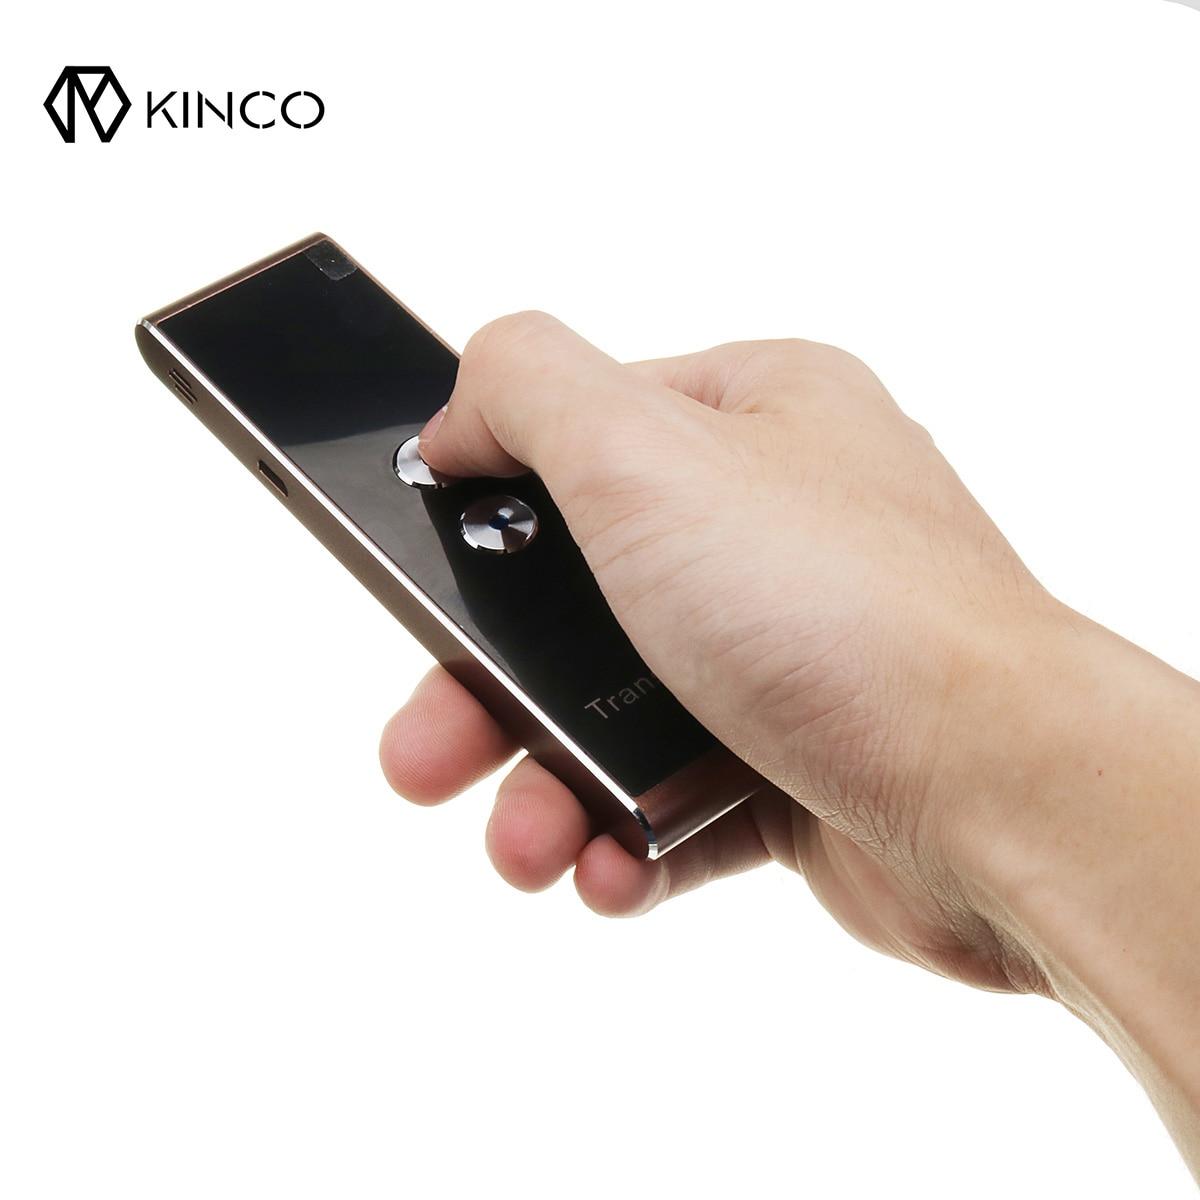 KINCO Портативный Двусторонняя Смарт Язык переводчик цифровой голосовой Traductor Simultaneo обучения встречи путешествия Поддержка 33 Язык s